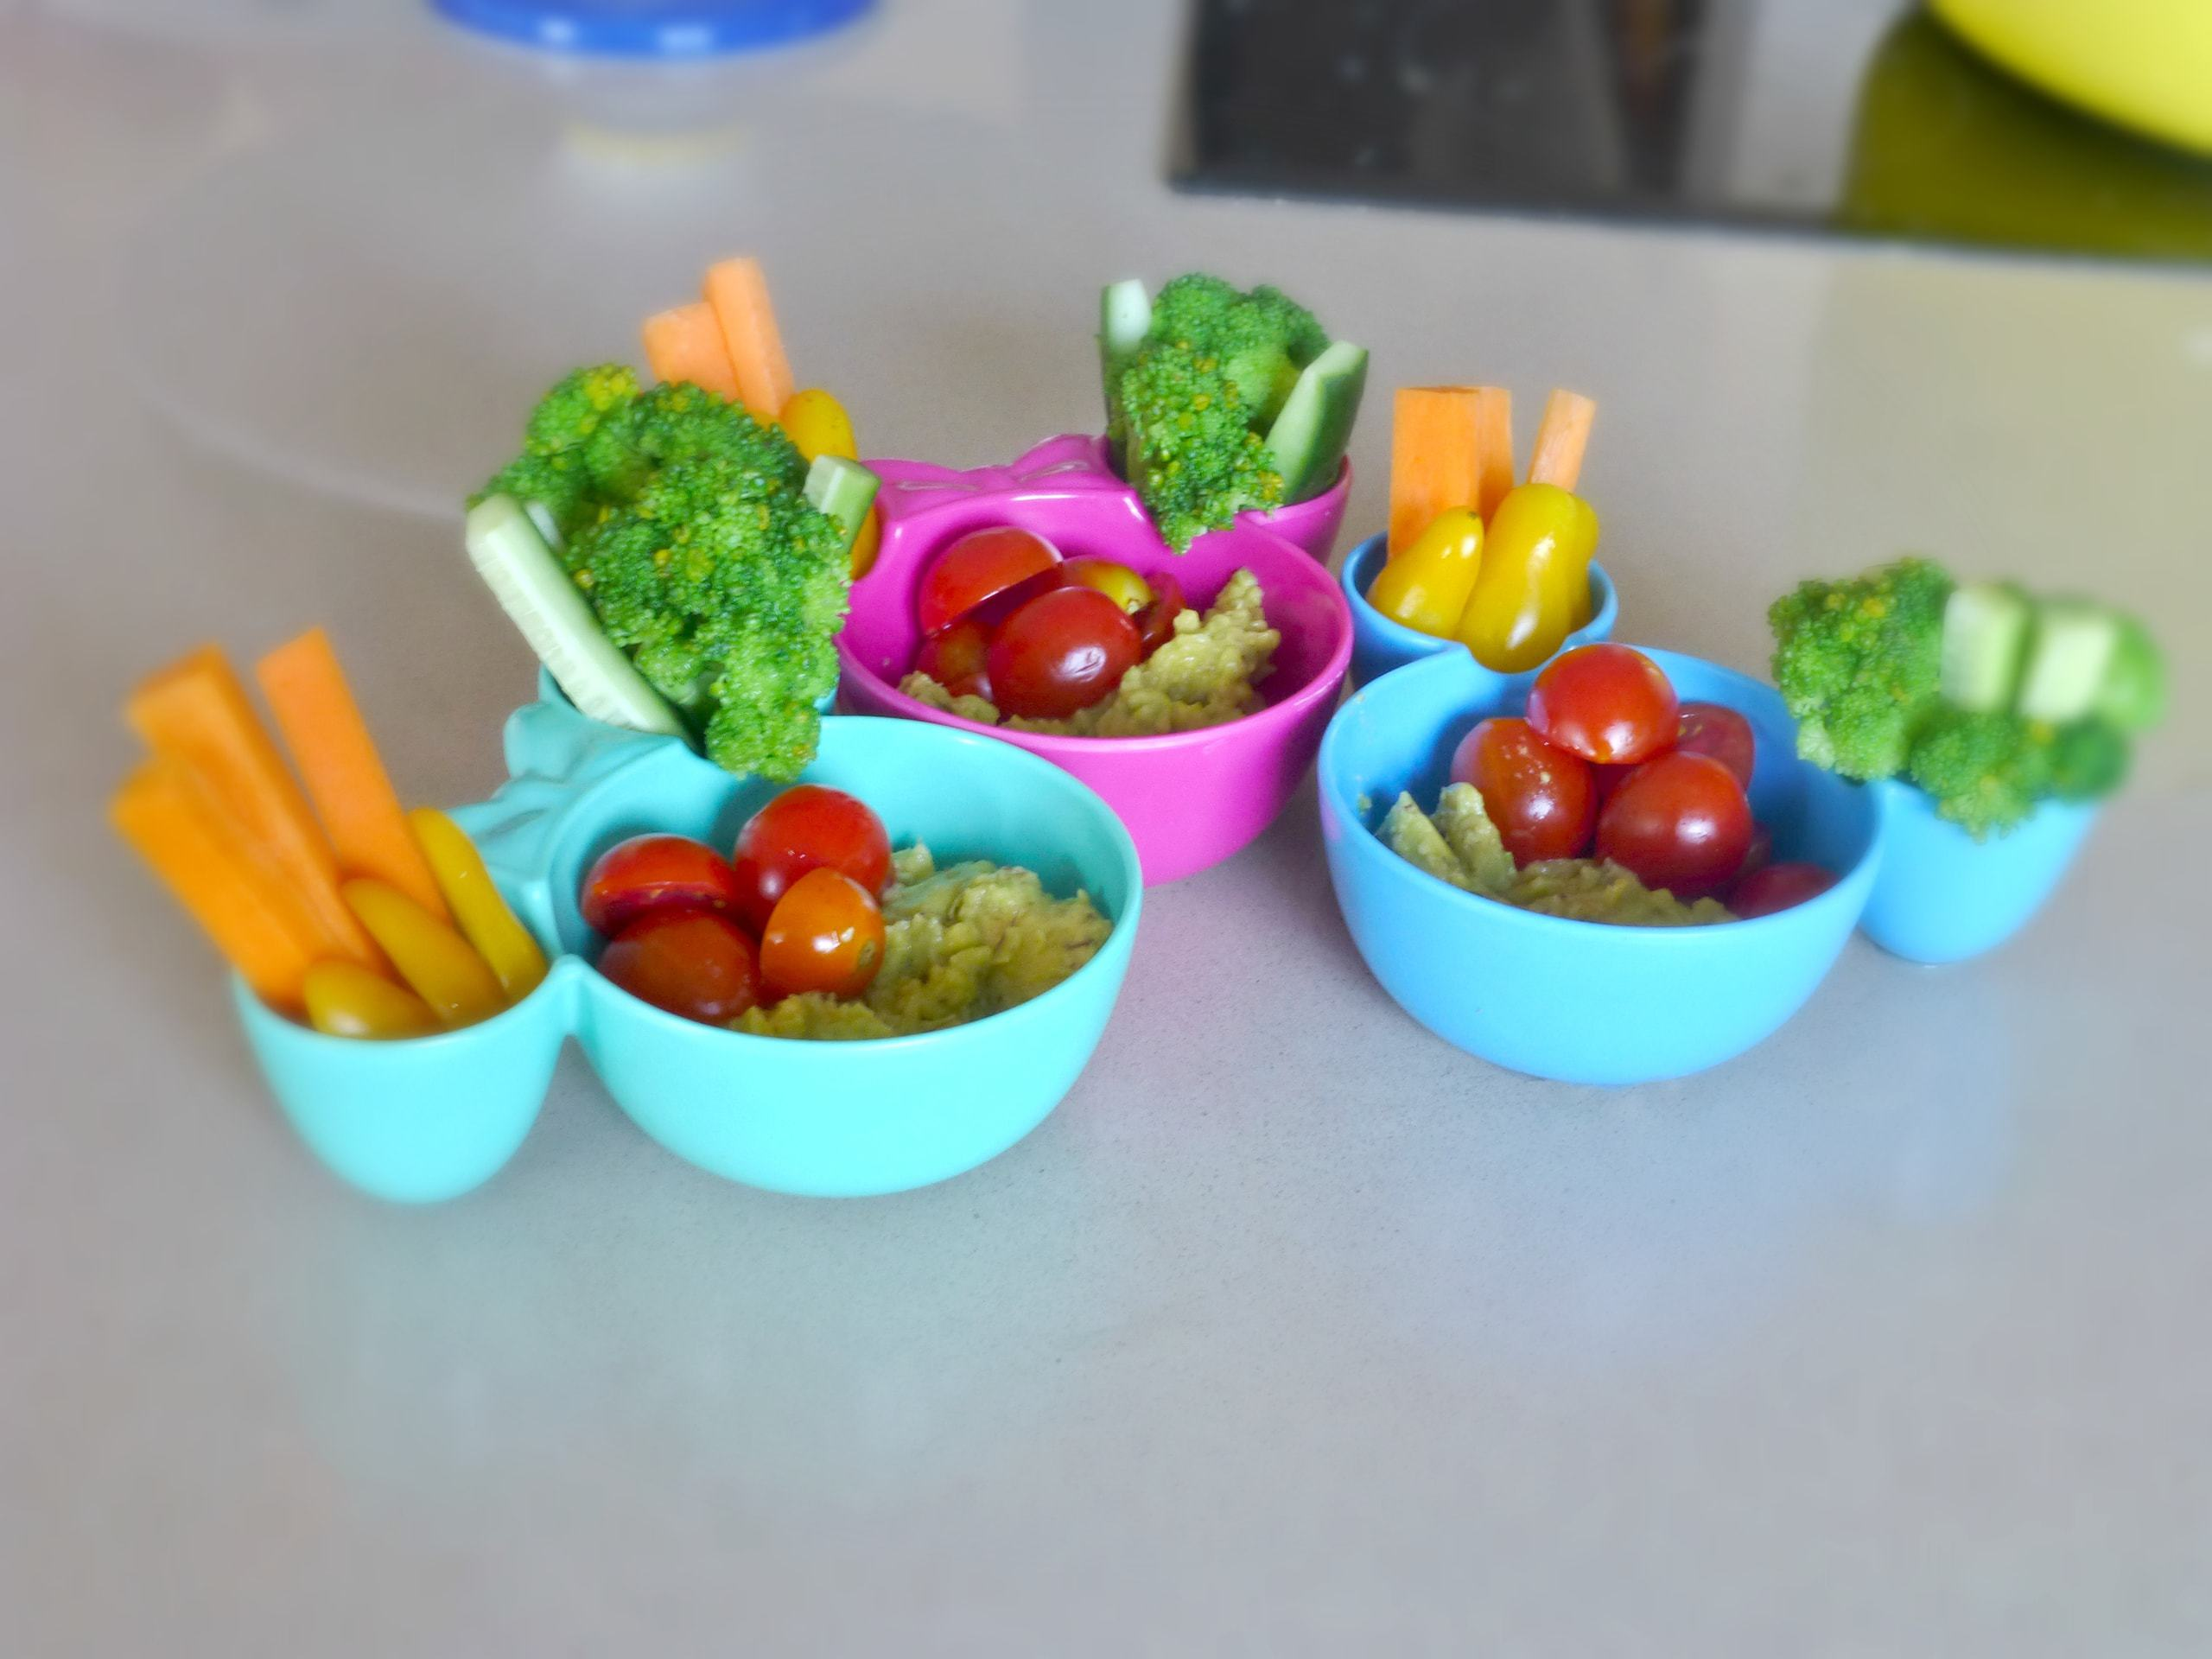 ילדים אוכלים ירקות צבעוניים בכיף